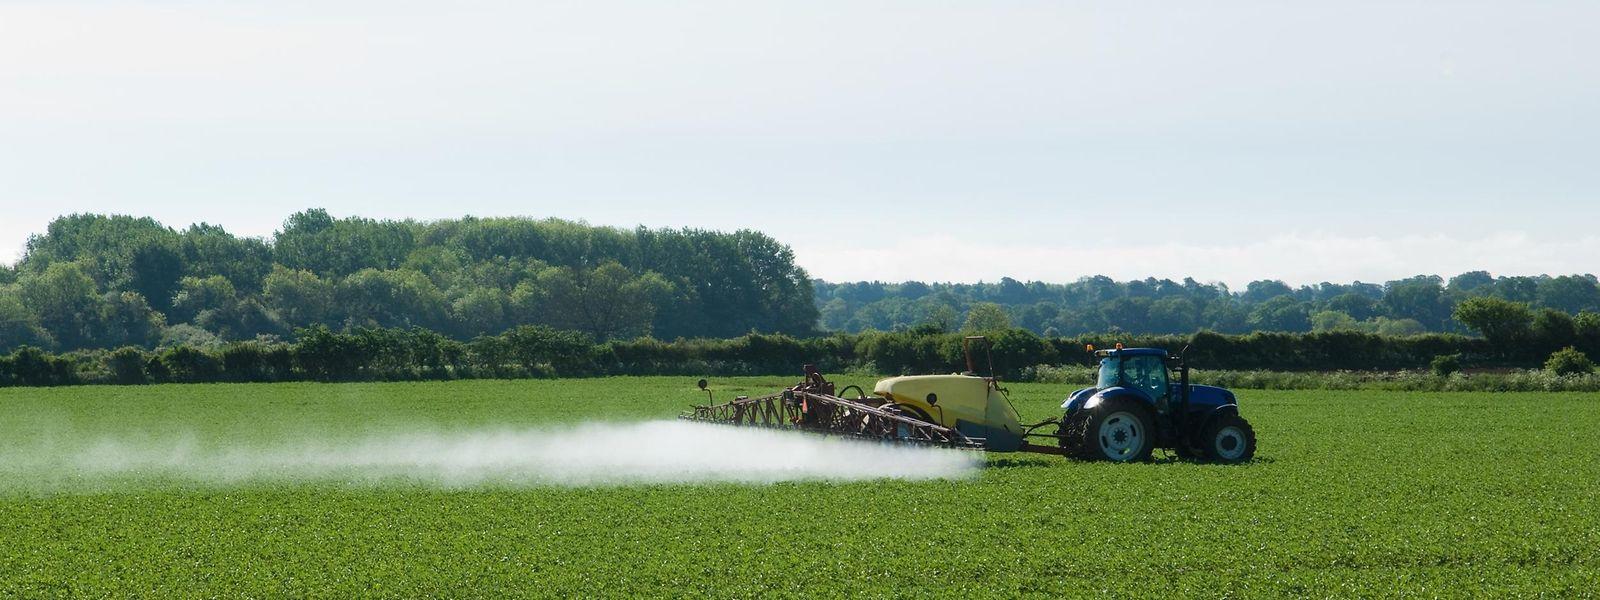 Die Chemie mag kein Wundermittel sein - doch was gibt es für Alternativen?, fragt die Landwirtschaftskammer.